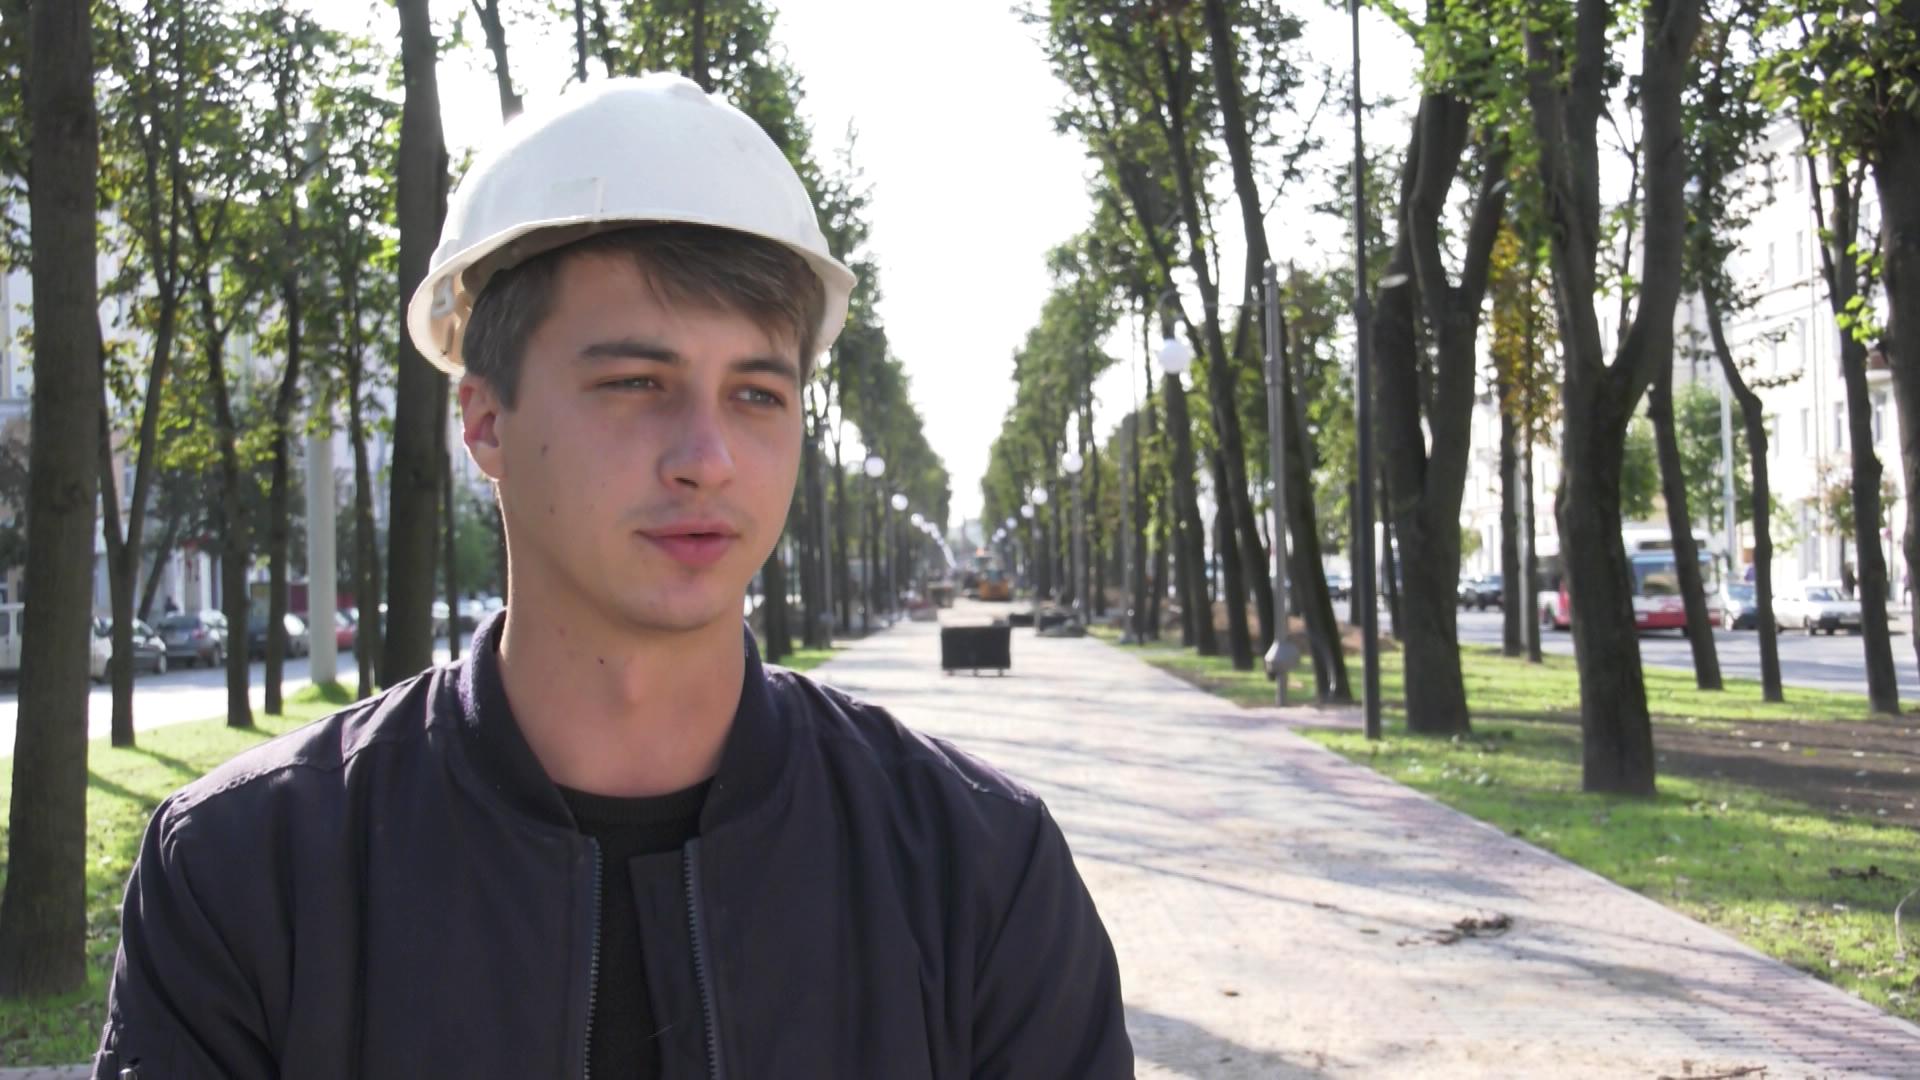 kirova - Реконструкция улицы Кирова. Как меняется сквер? (видео)